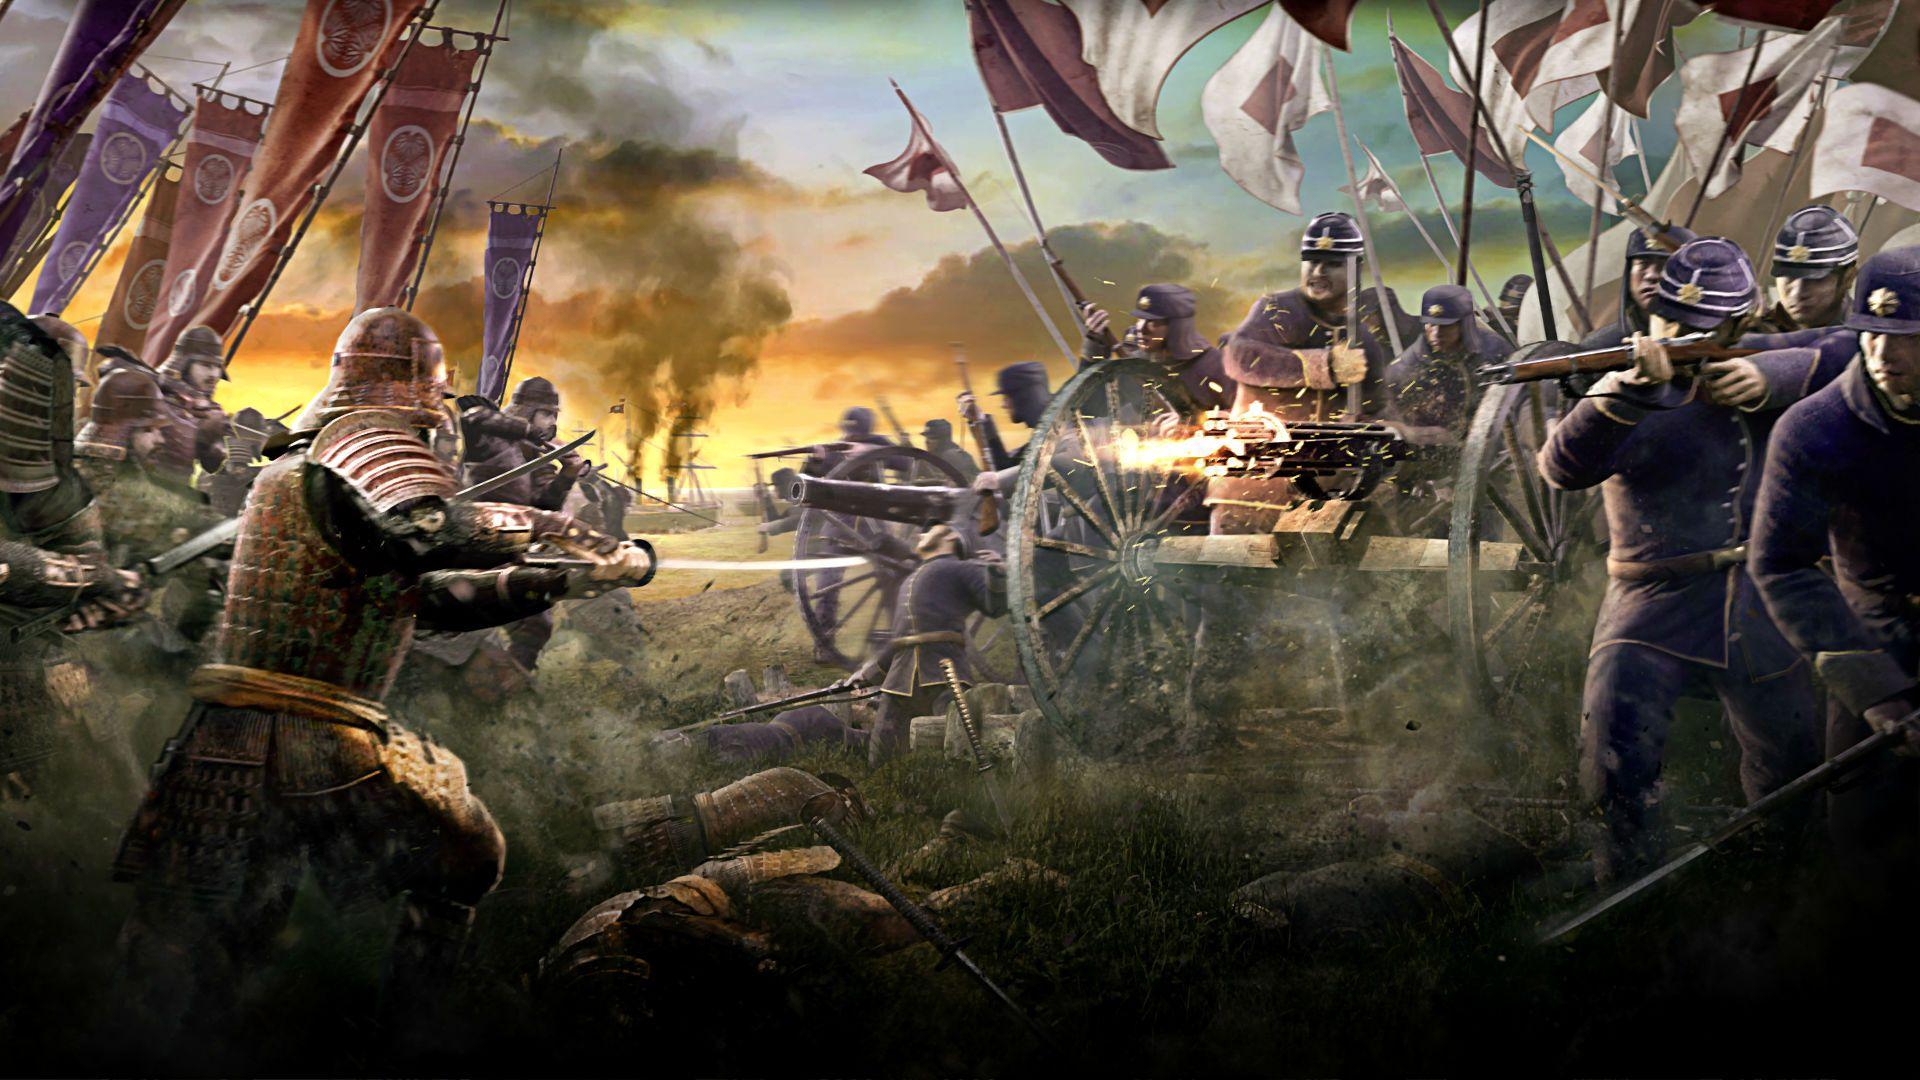 Total War Shogun 2 Hd Wallpaper 2 1920 X 1080 Stmed Net